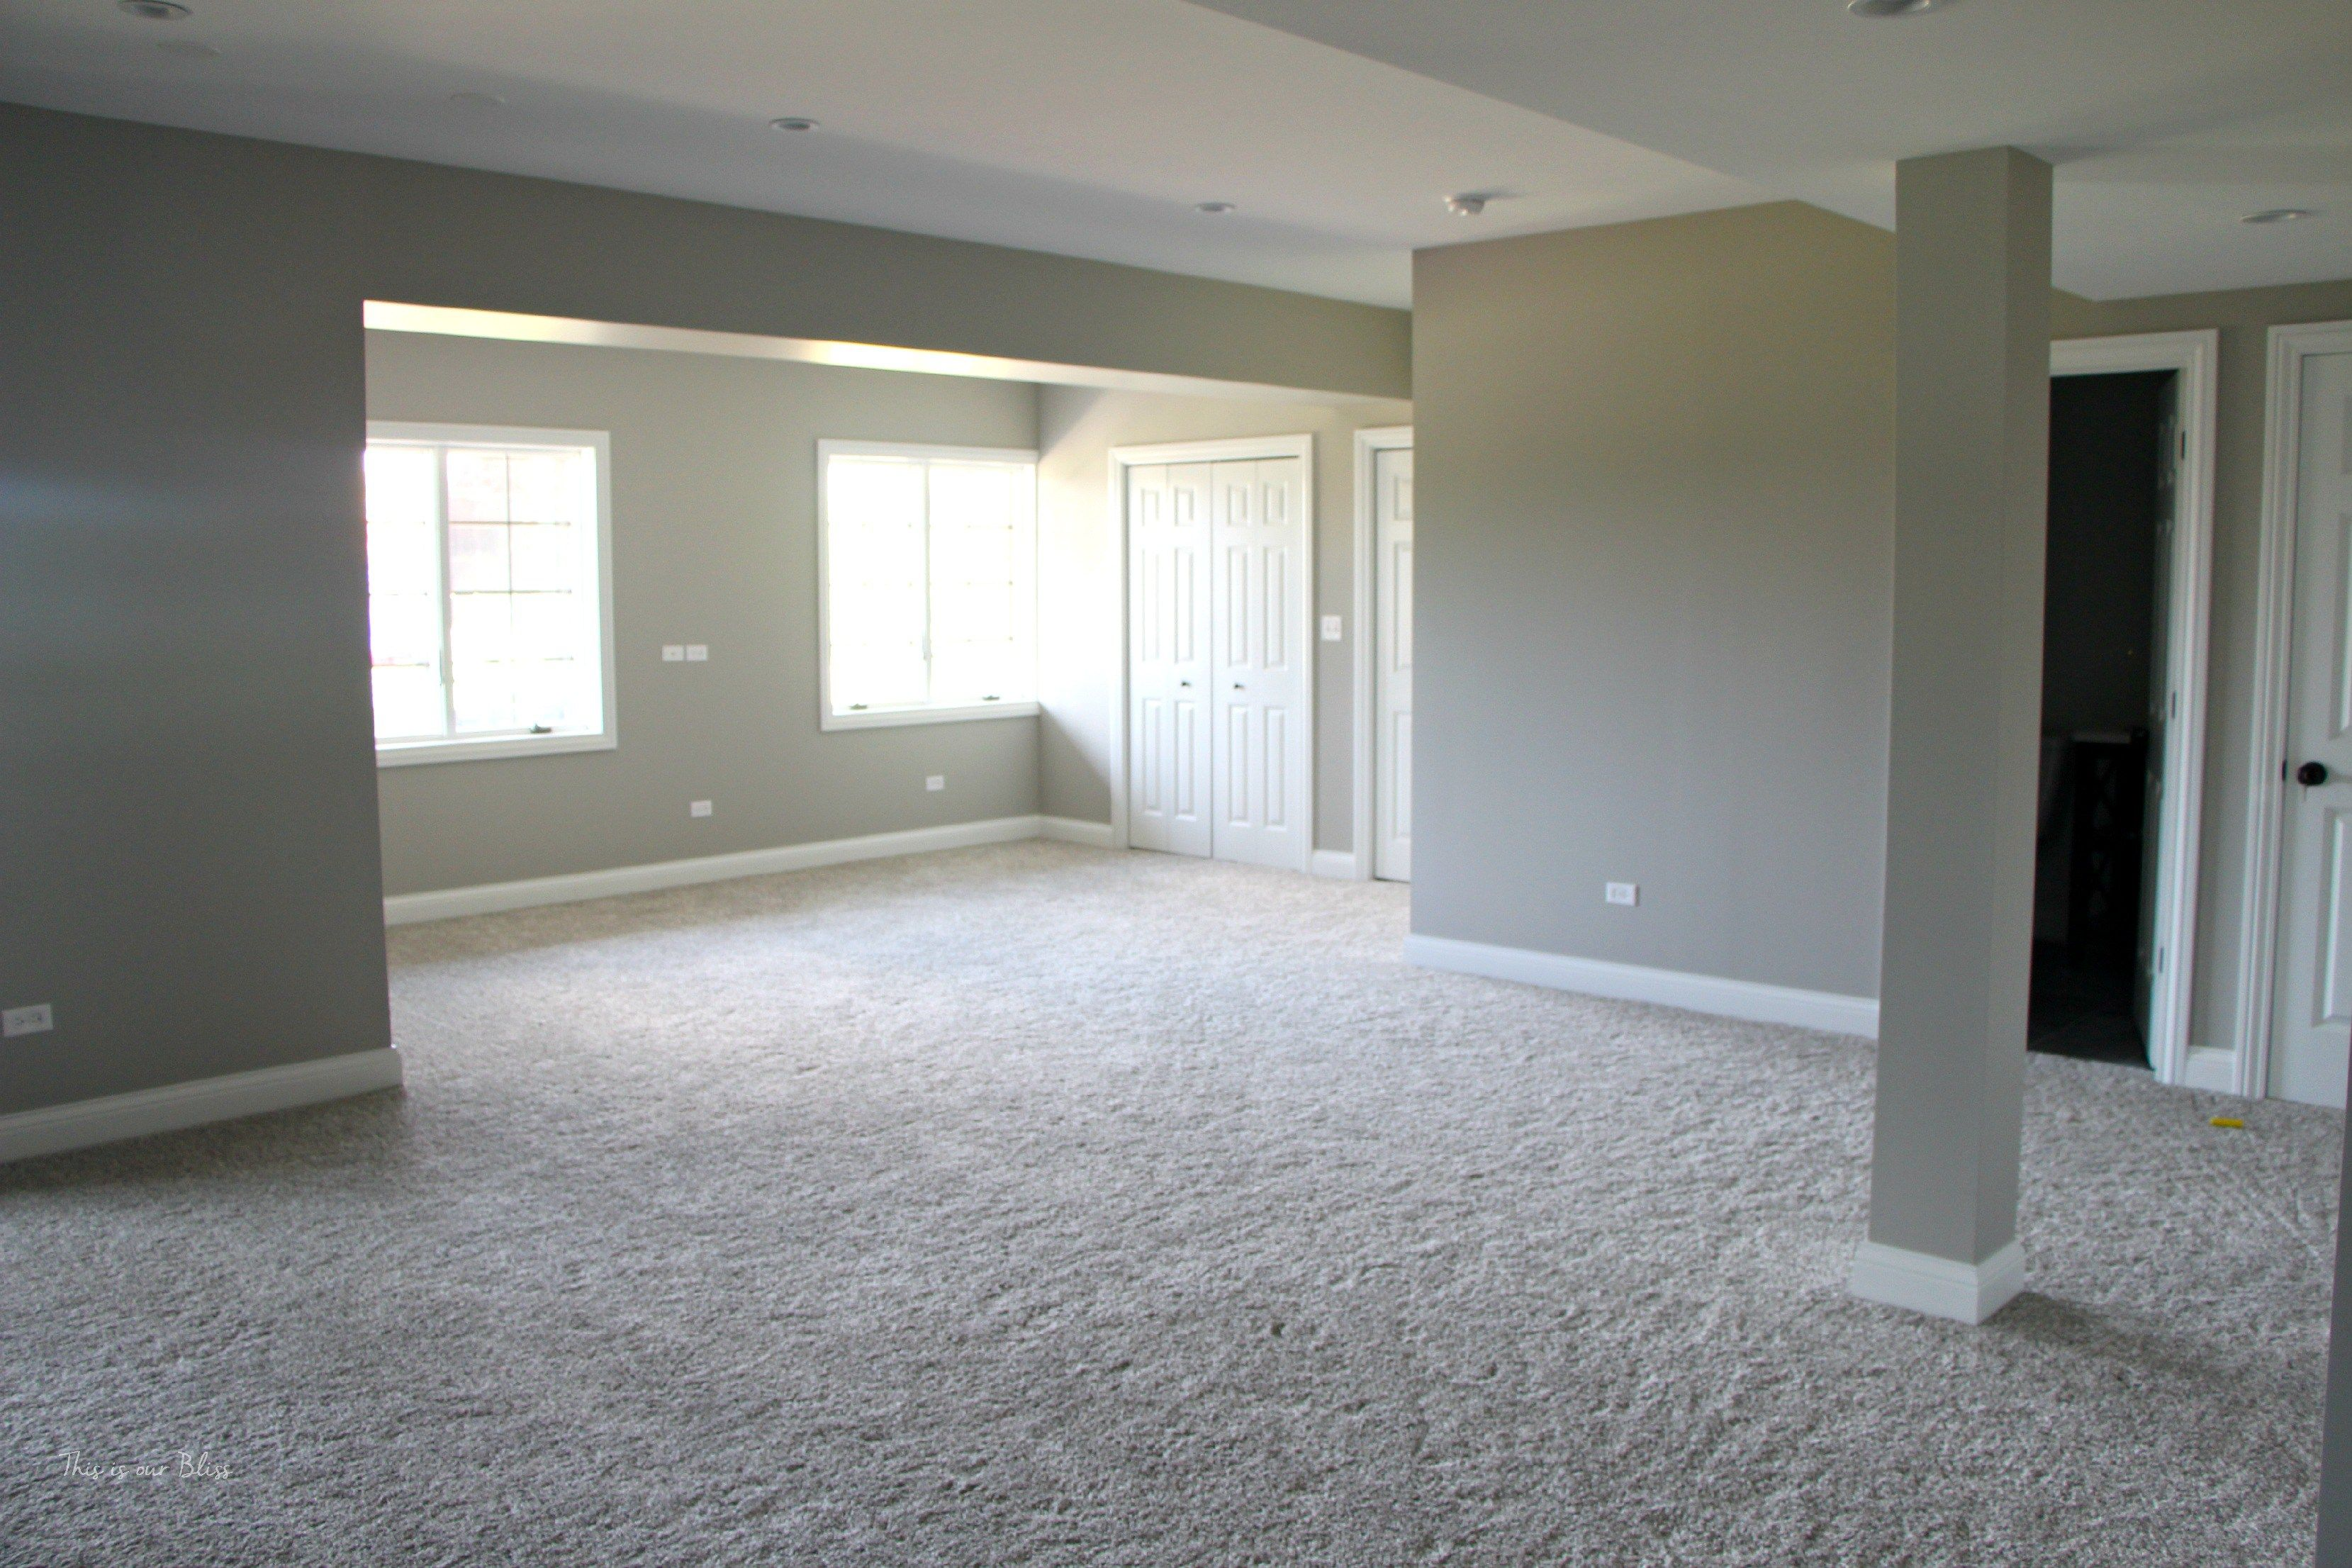 The Best Basement Paint Color And Carpet Choices This Is Our Bliss Basement Carpet Basement Paint Colors Basement Painting